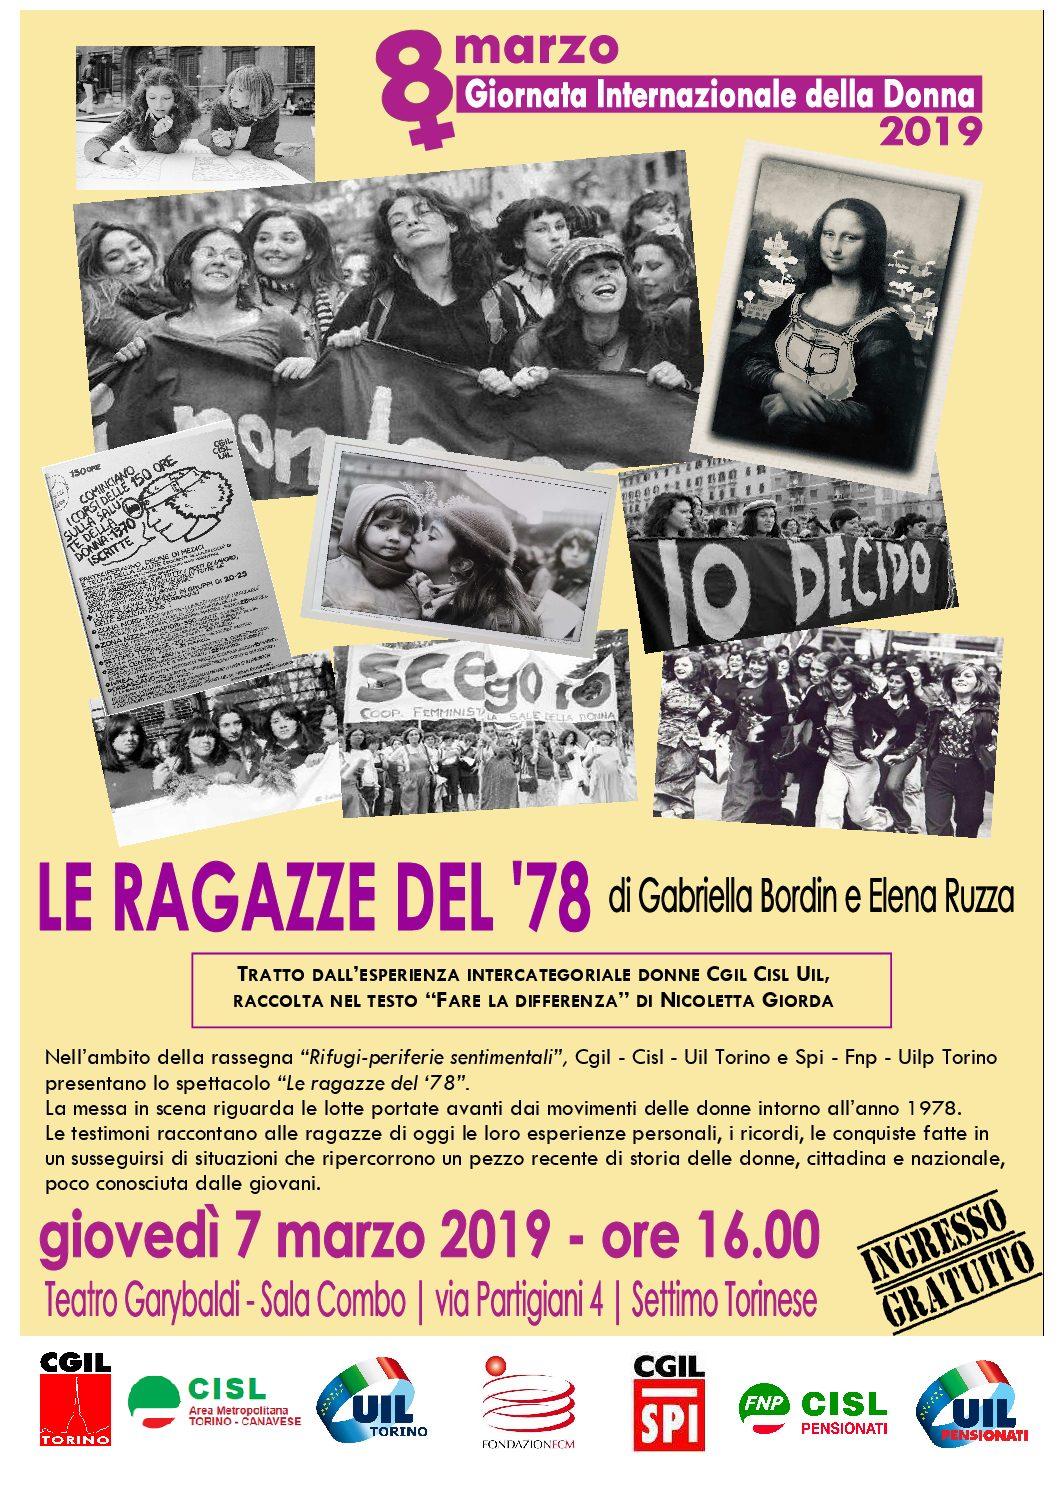 Le ragazze del '78: uno spettacolo teatrale per l'8 marzo -Teatro Garybaldi a Settimo T.se